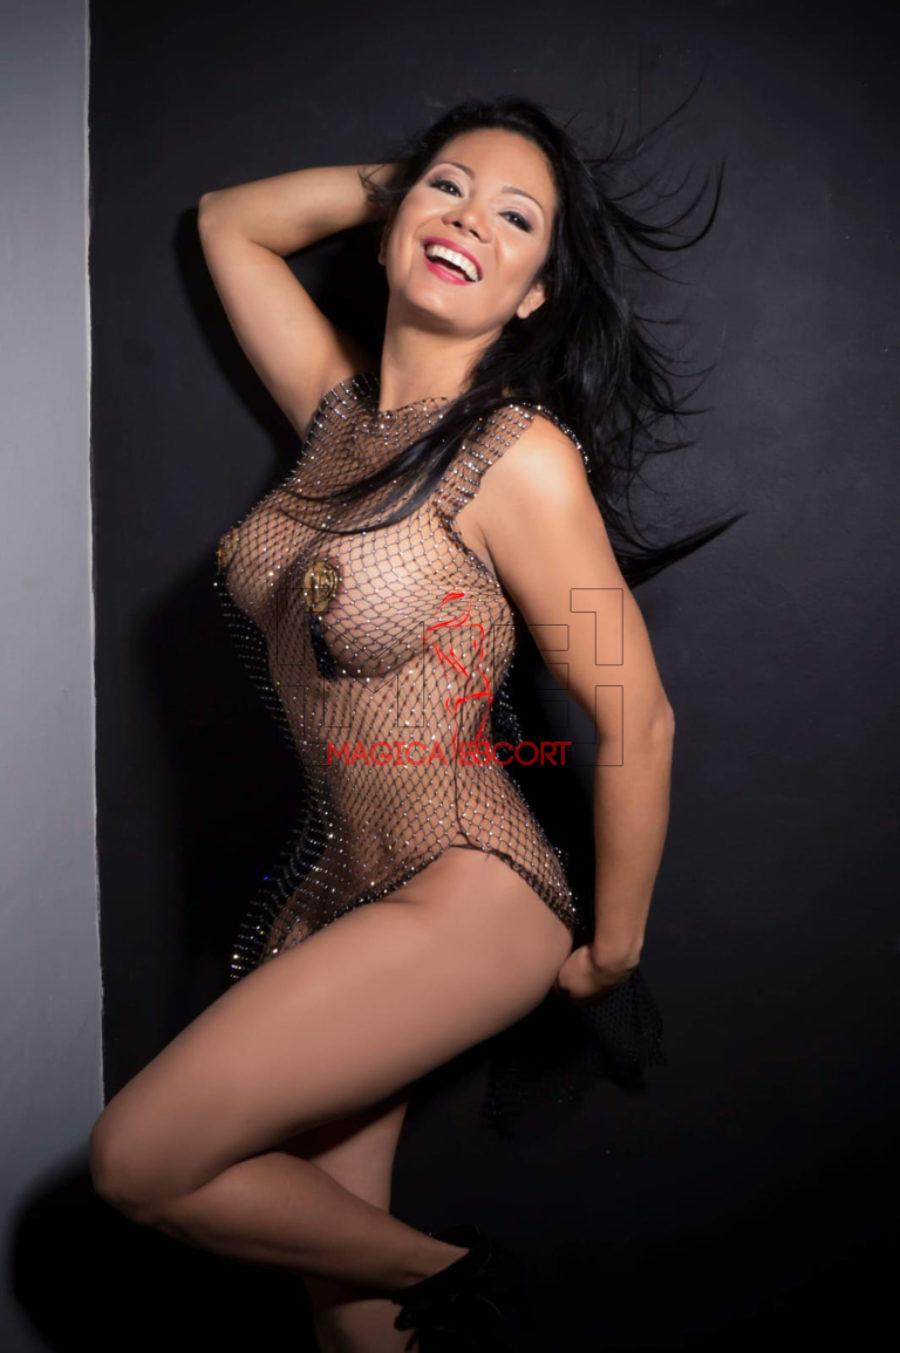 Vanessa accompagnatrice colombiana ha un seno perfetto. Magica Escort